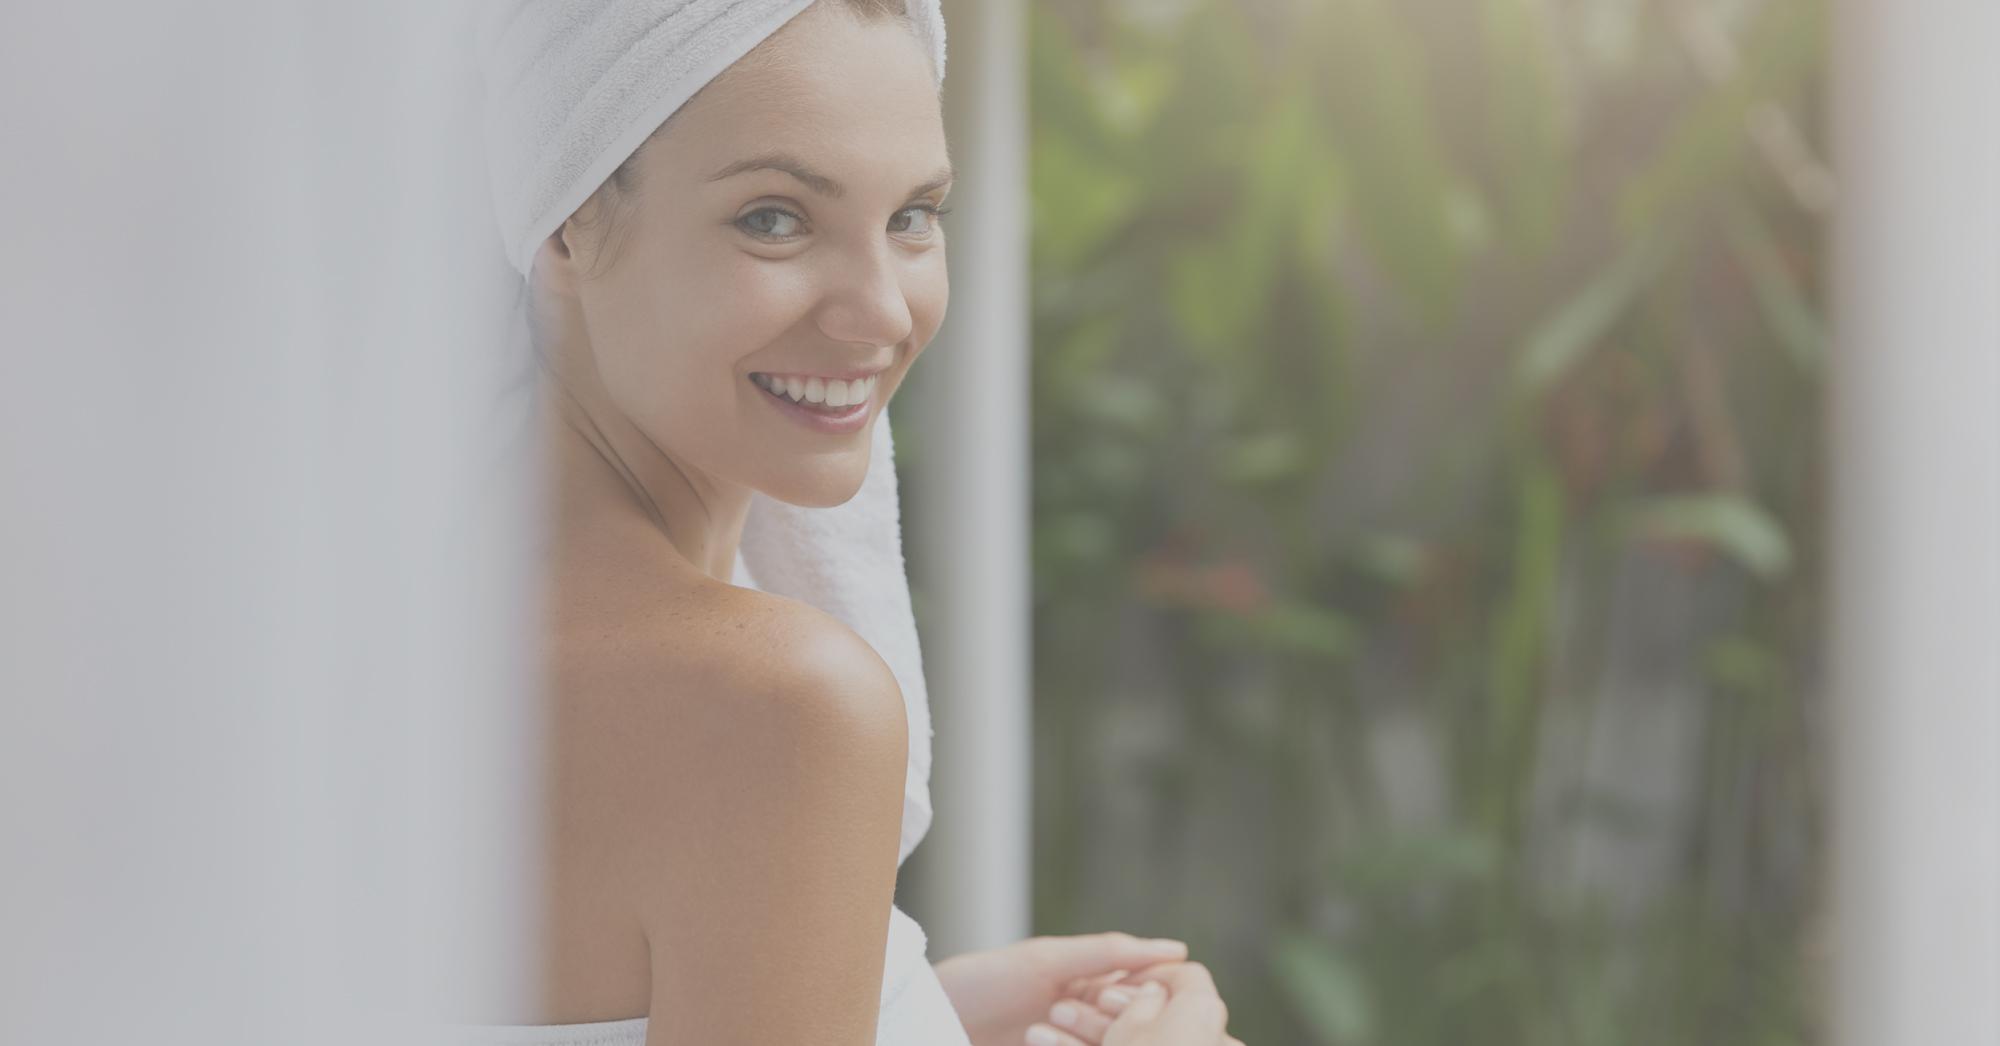 Come avere una pelle sana dopo la doccia